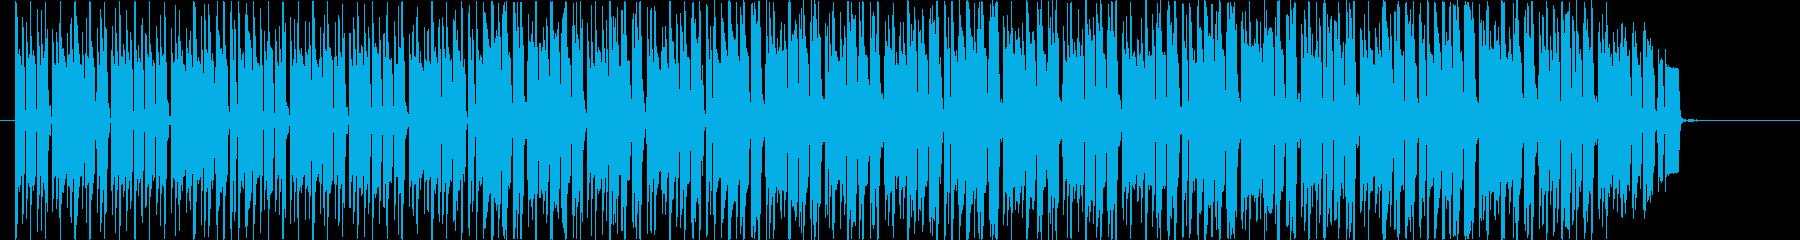 報道番組風四つ打ちテクノの再生済みの波形